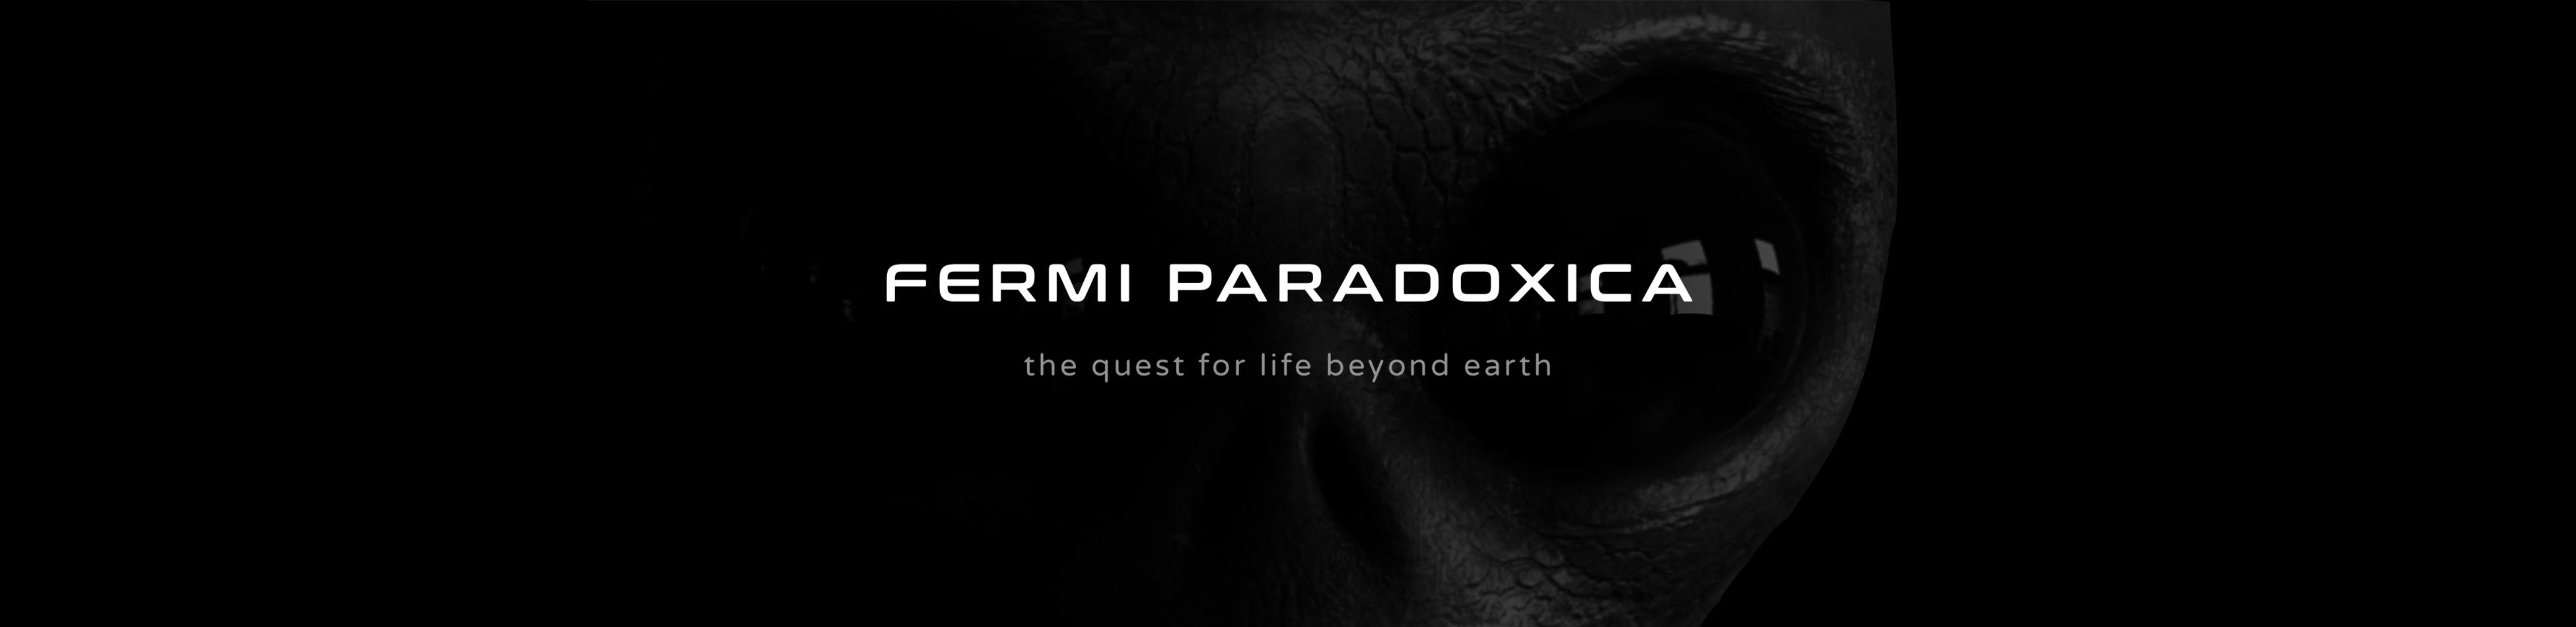 Fermi Paradoxica